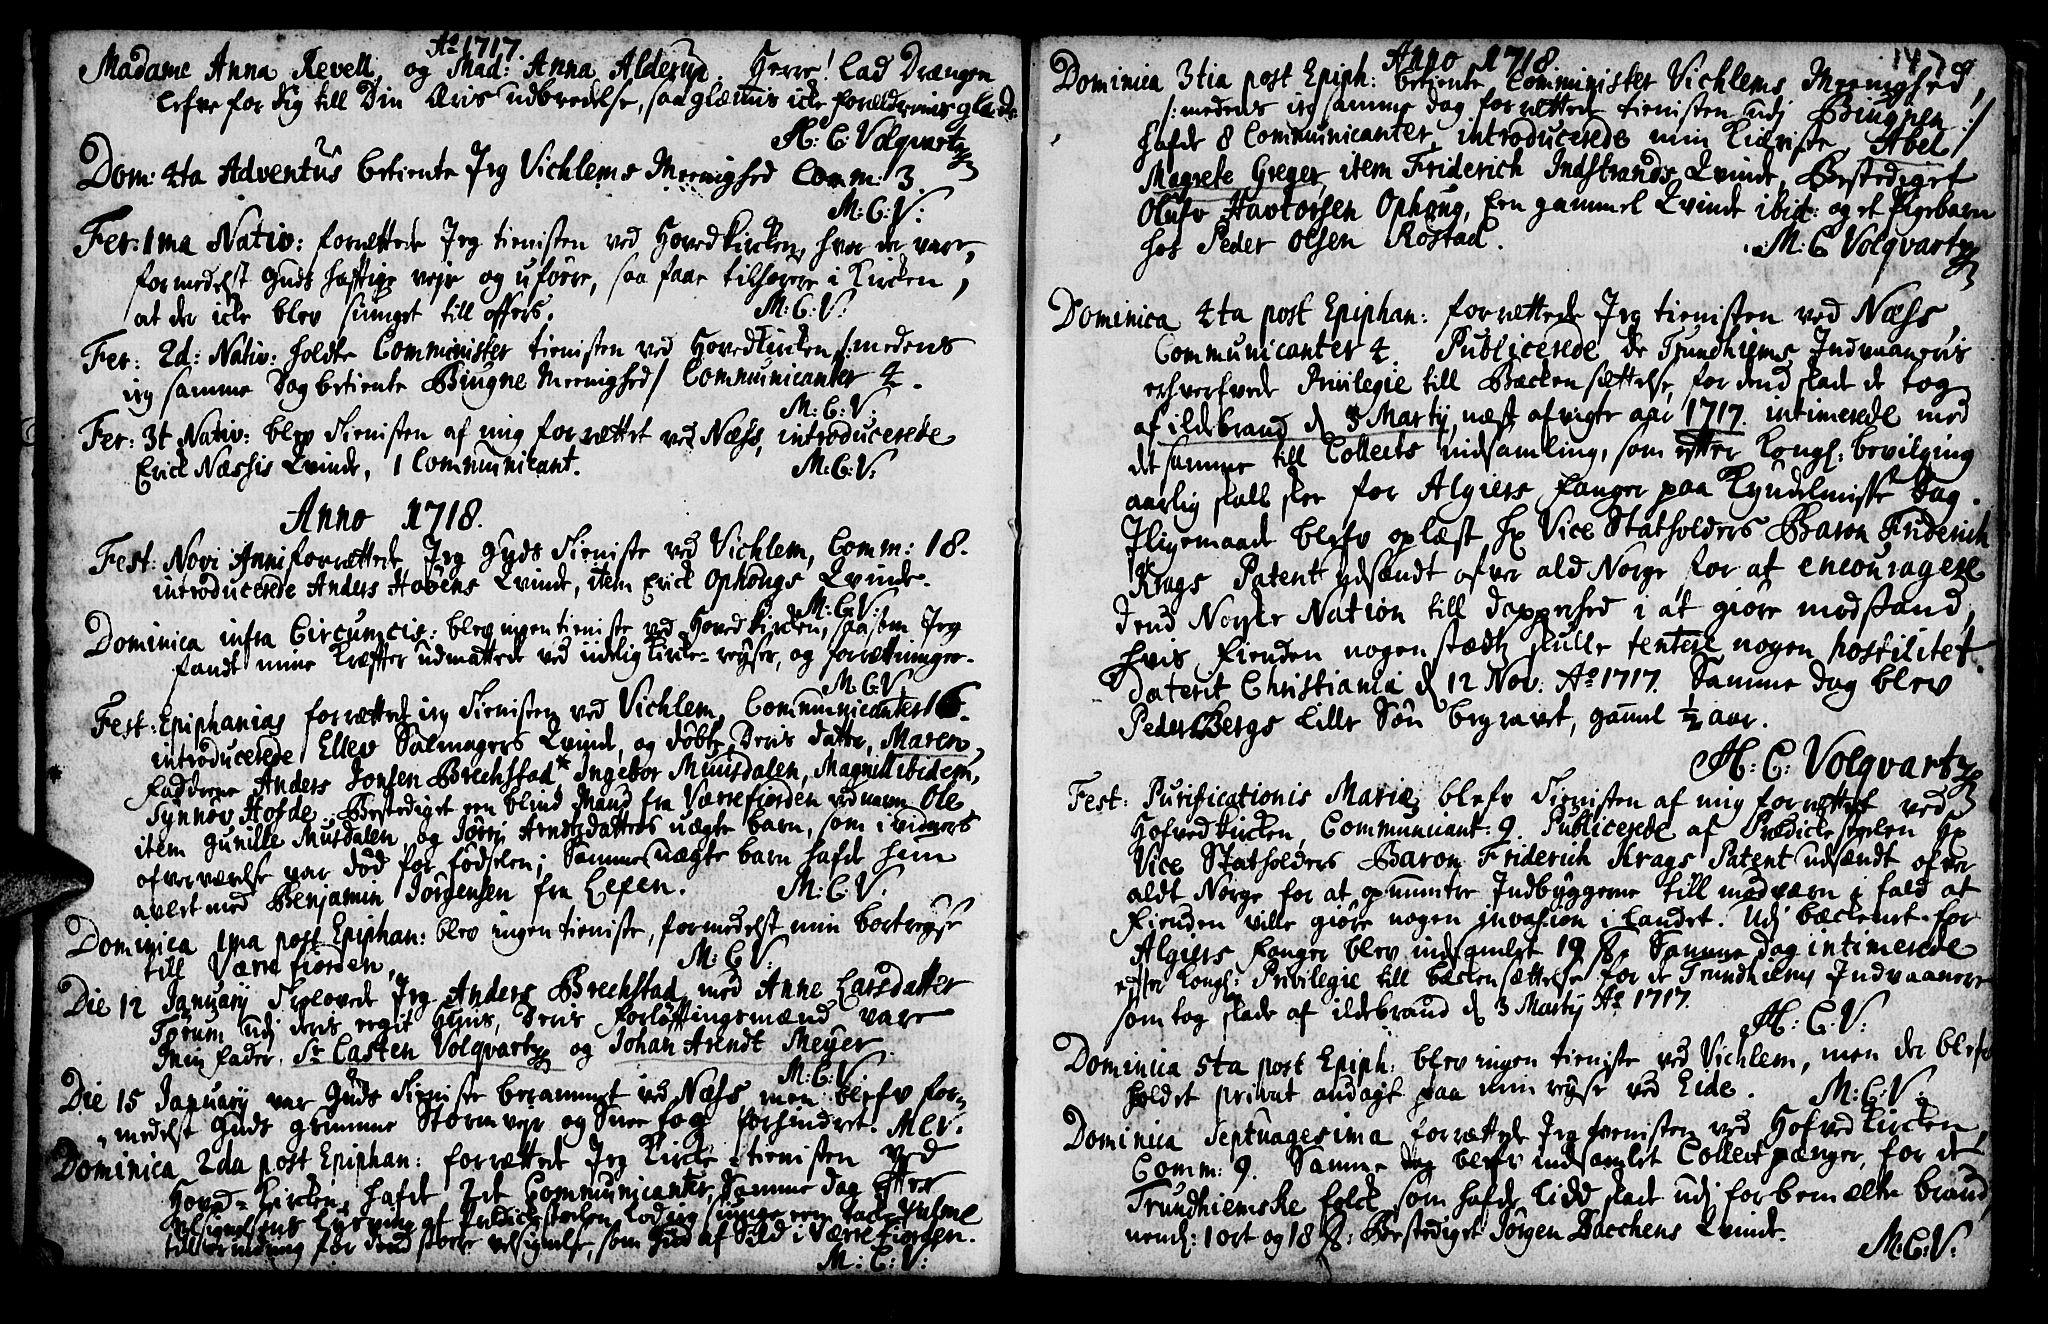 SAT, Ministerialprotokoller, klokkerbøker og fødselsregistre - Sør-Trøndelag, 659/L0731: Ministerialbok nr. 659A01, 1709-1731, s. 146-147